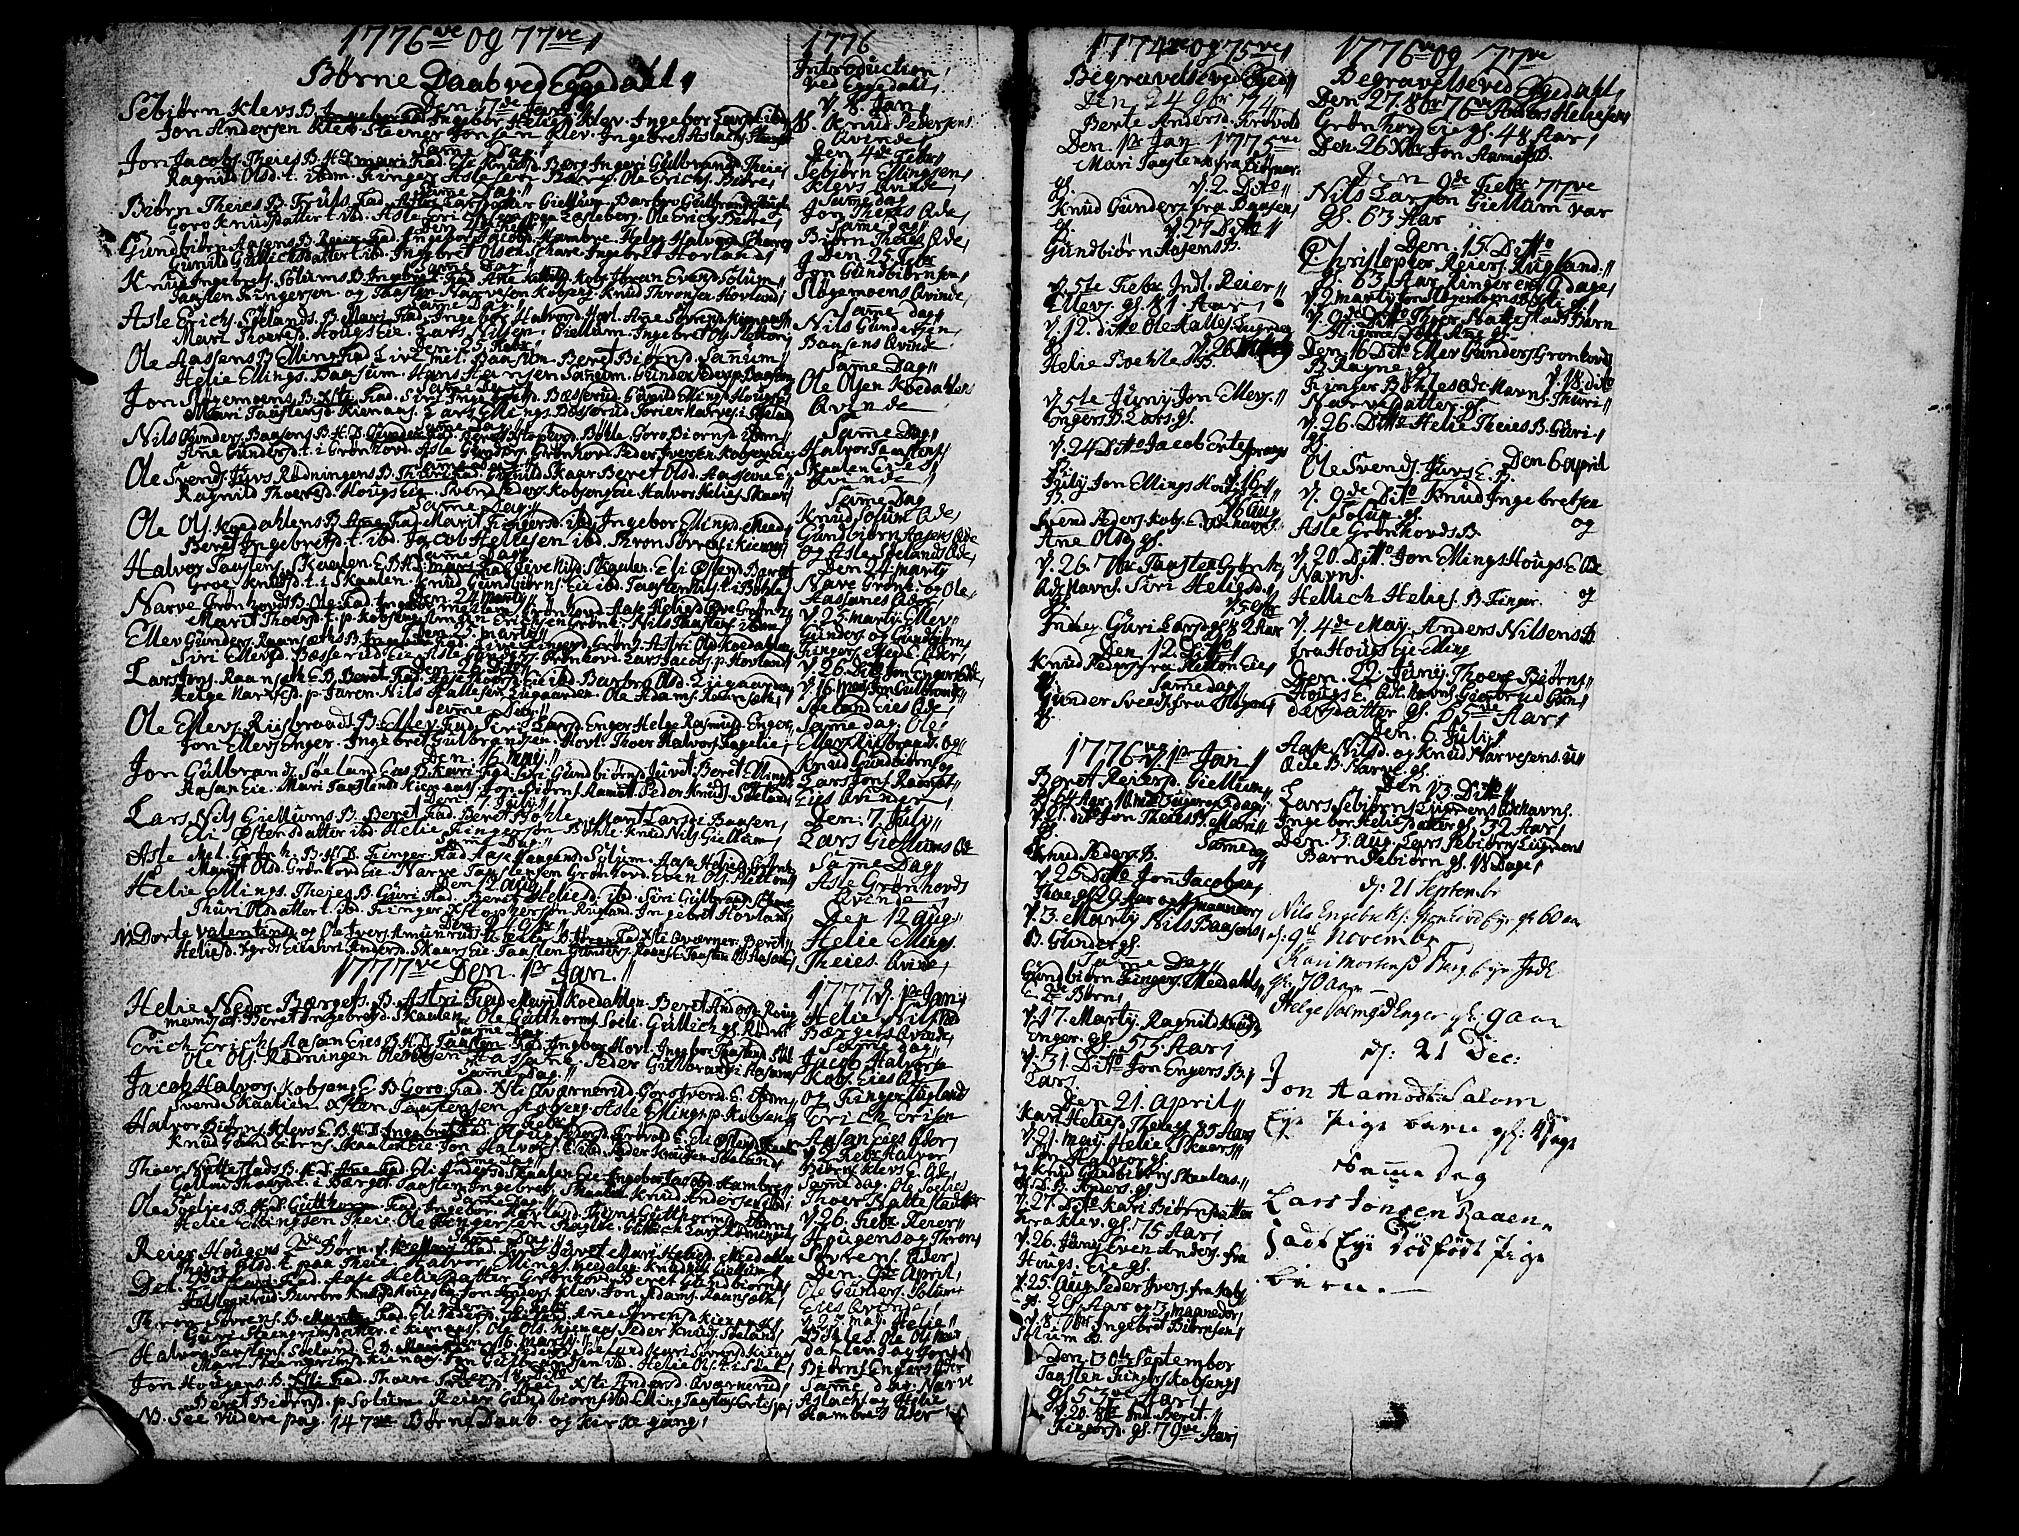 SAKO, Sigdal kirkebøker, F/Fa/L0001: Ministerialbok nr. I 1, 1722-1777, s. 141-142